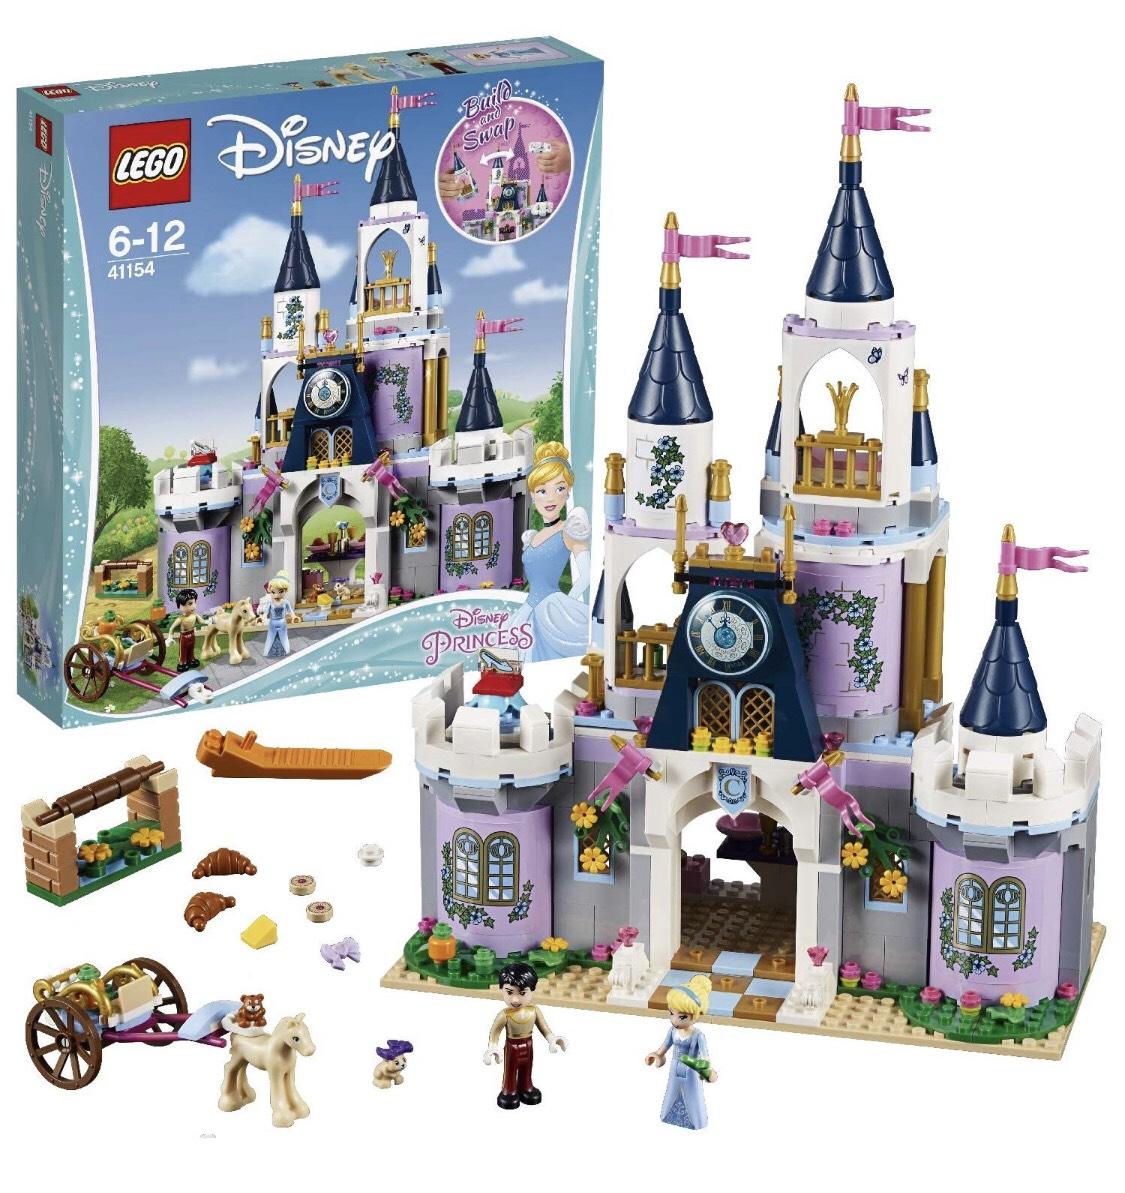 LEGO Disney - Wymarzony zamek Kopciuszka 41154 SMYK Galeria Bałtycka Gdańsk